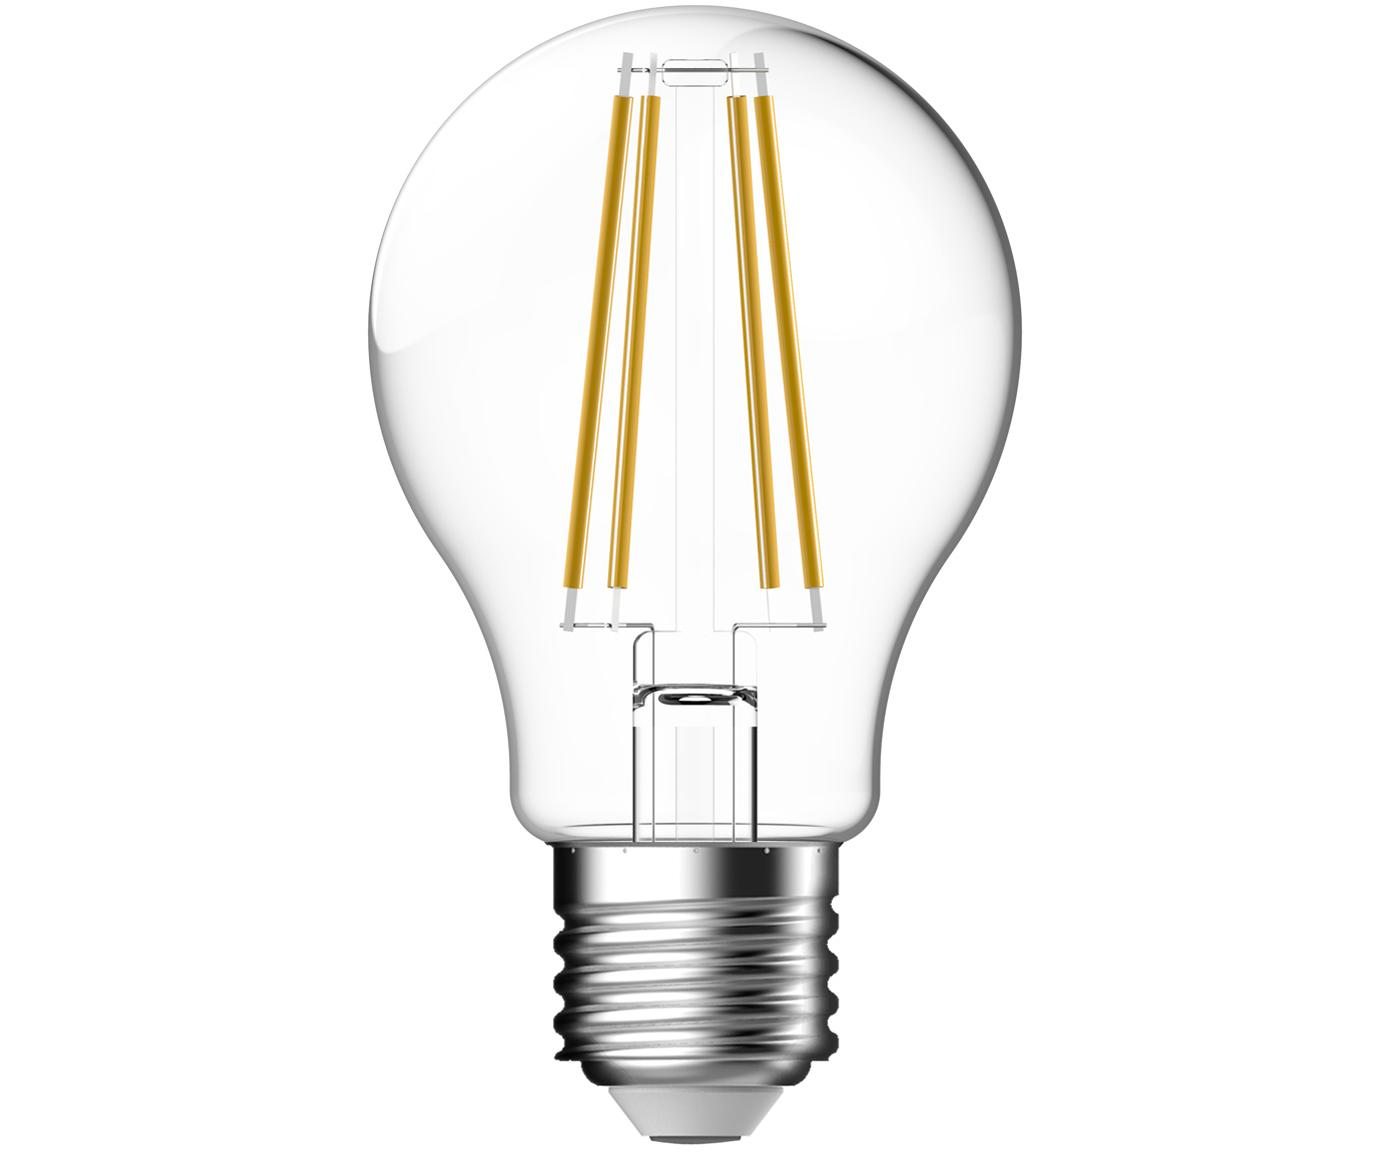 Bombillas LED Clear (E27/7W), 2uds., Ampolla: vidrio, Casquillo: aluminio, Transparente, Ø 6 x Al 11 cm